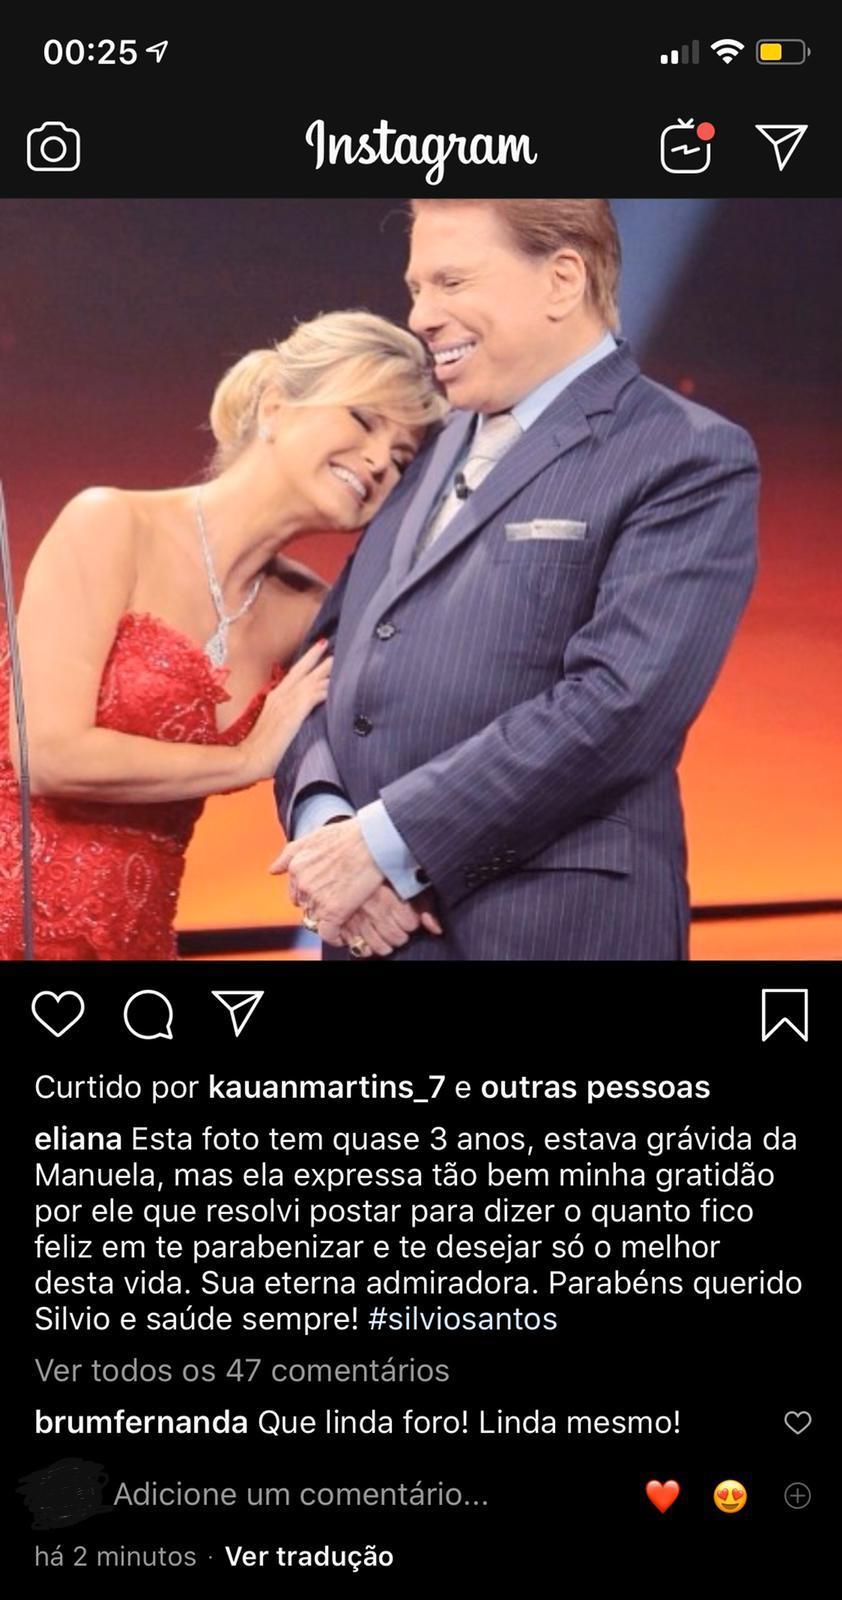 Eliana homenageia Silvio Santos e perde a noção do tempo (Foto: reprodução/Instagram)